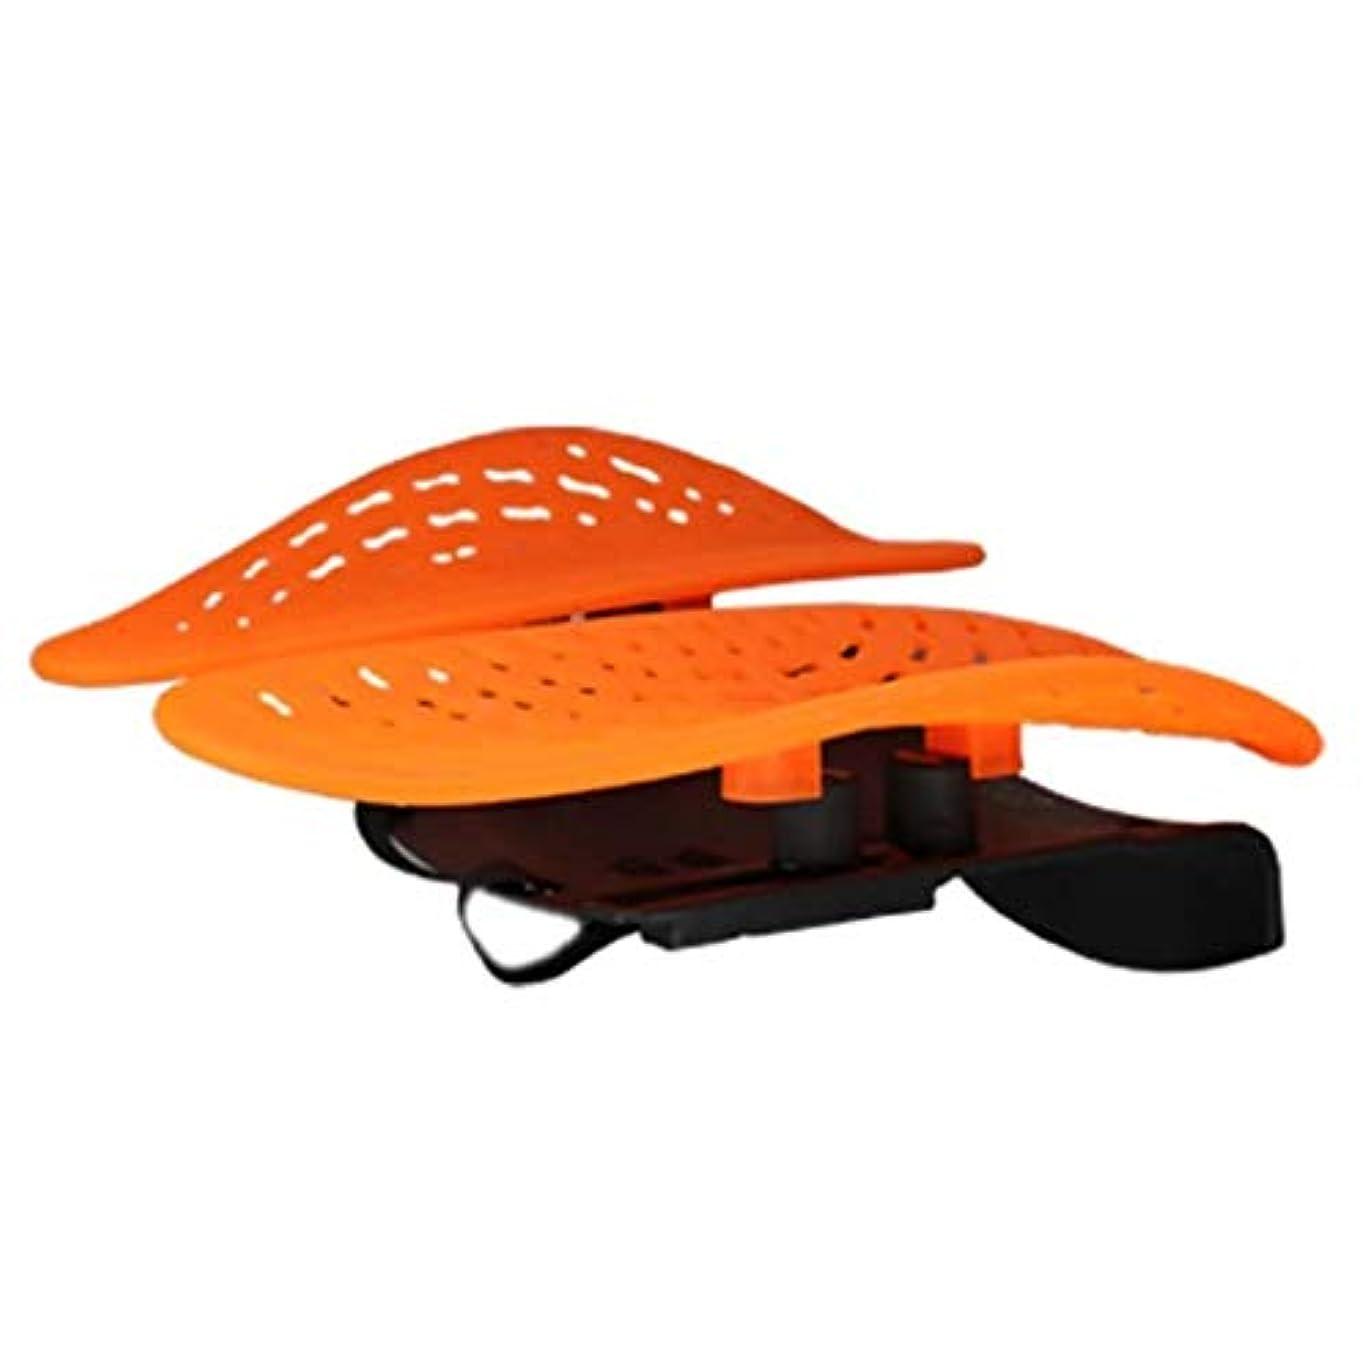 つかいます音節森林ウエストマッサージャー、腰椎サポートパッド、アイスシルクバックサポートパッド、ホーム/オフィスチェアや車に適し、背中の痛みを和らげる (Color : オレンジ)